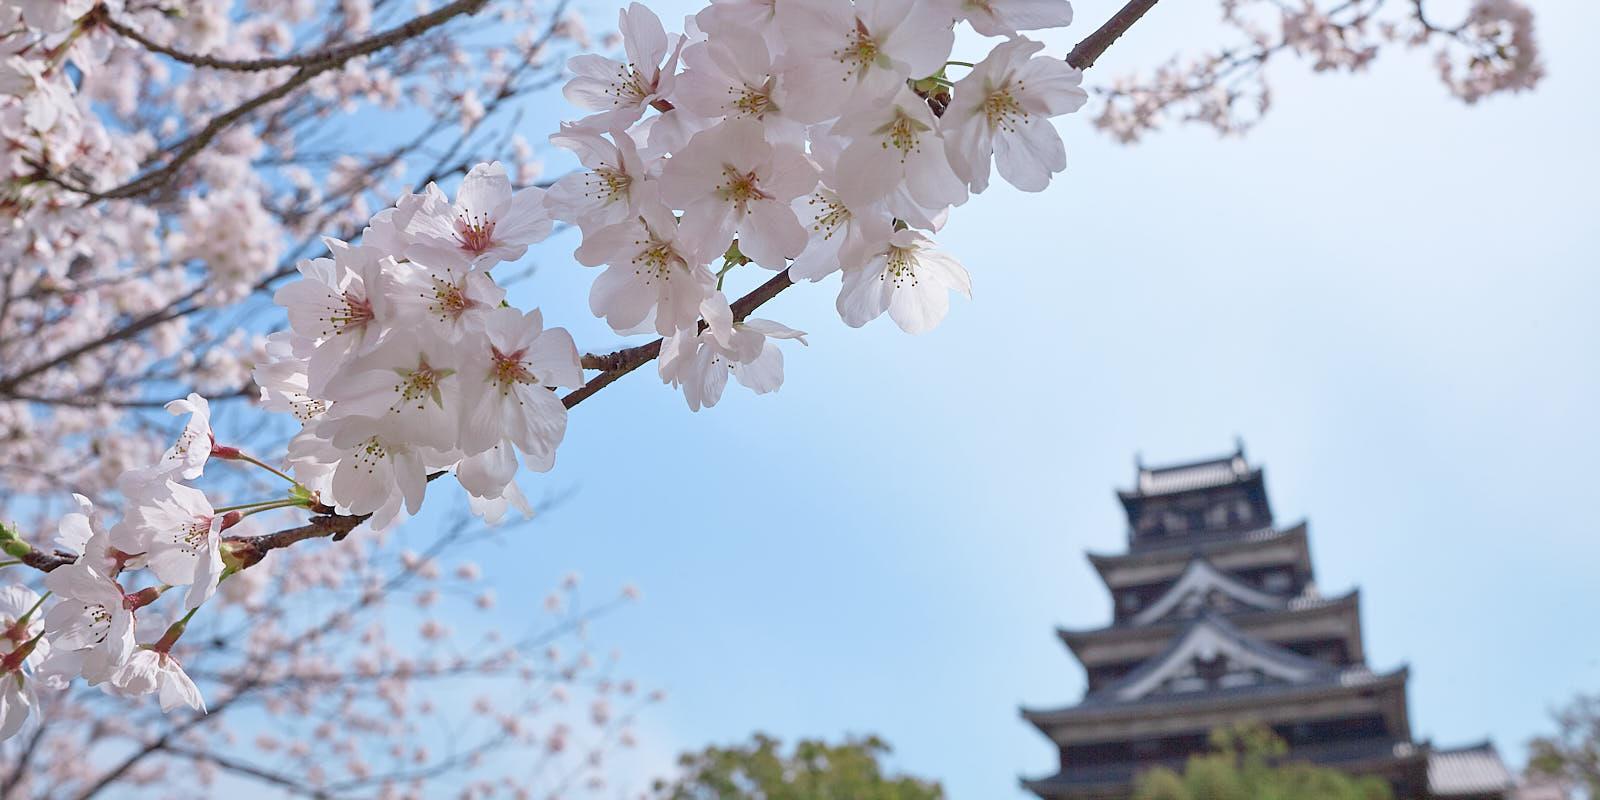 Le château d'Hiroshima sous les cerisiers japonais